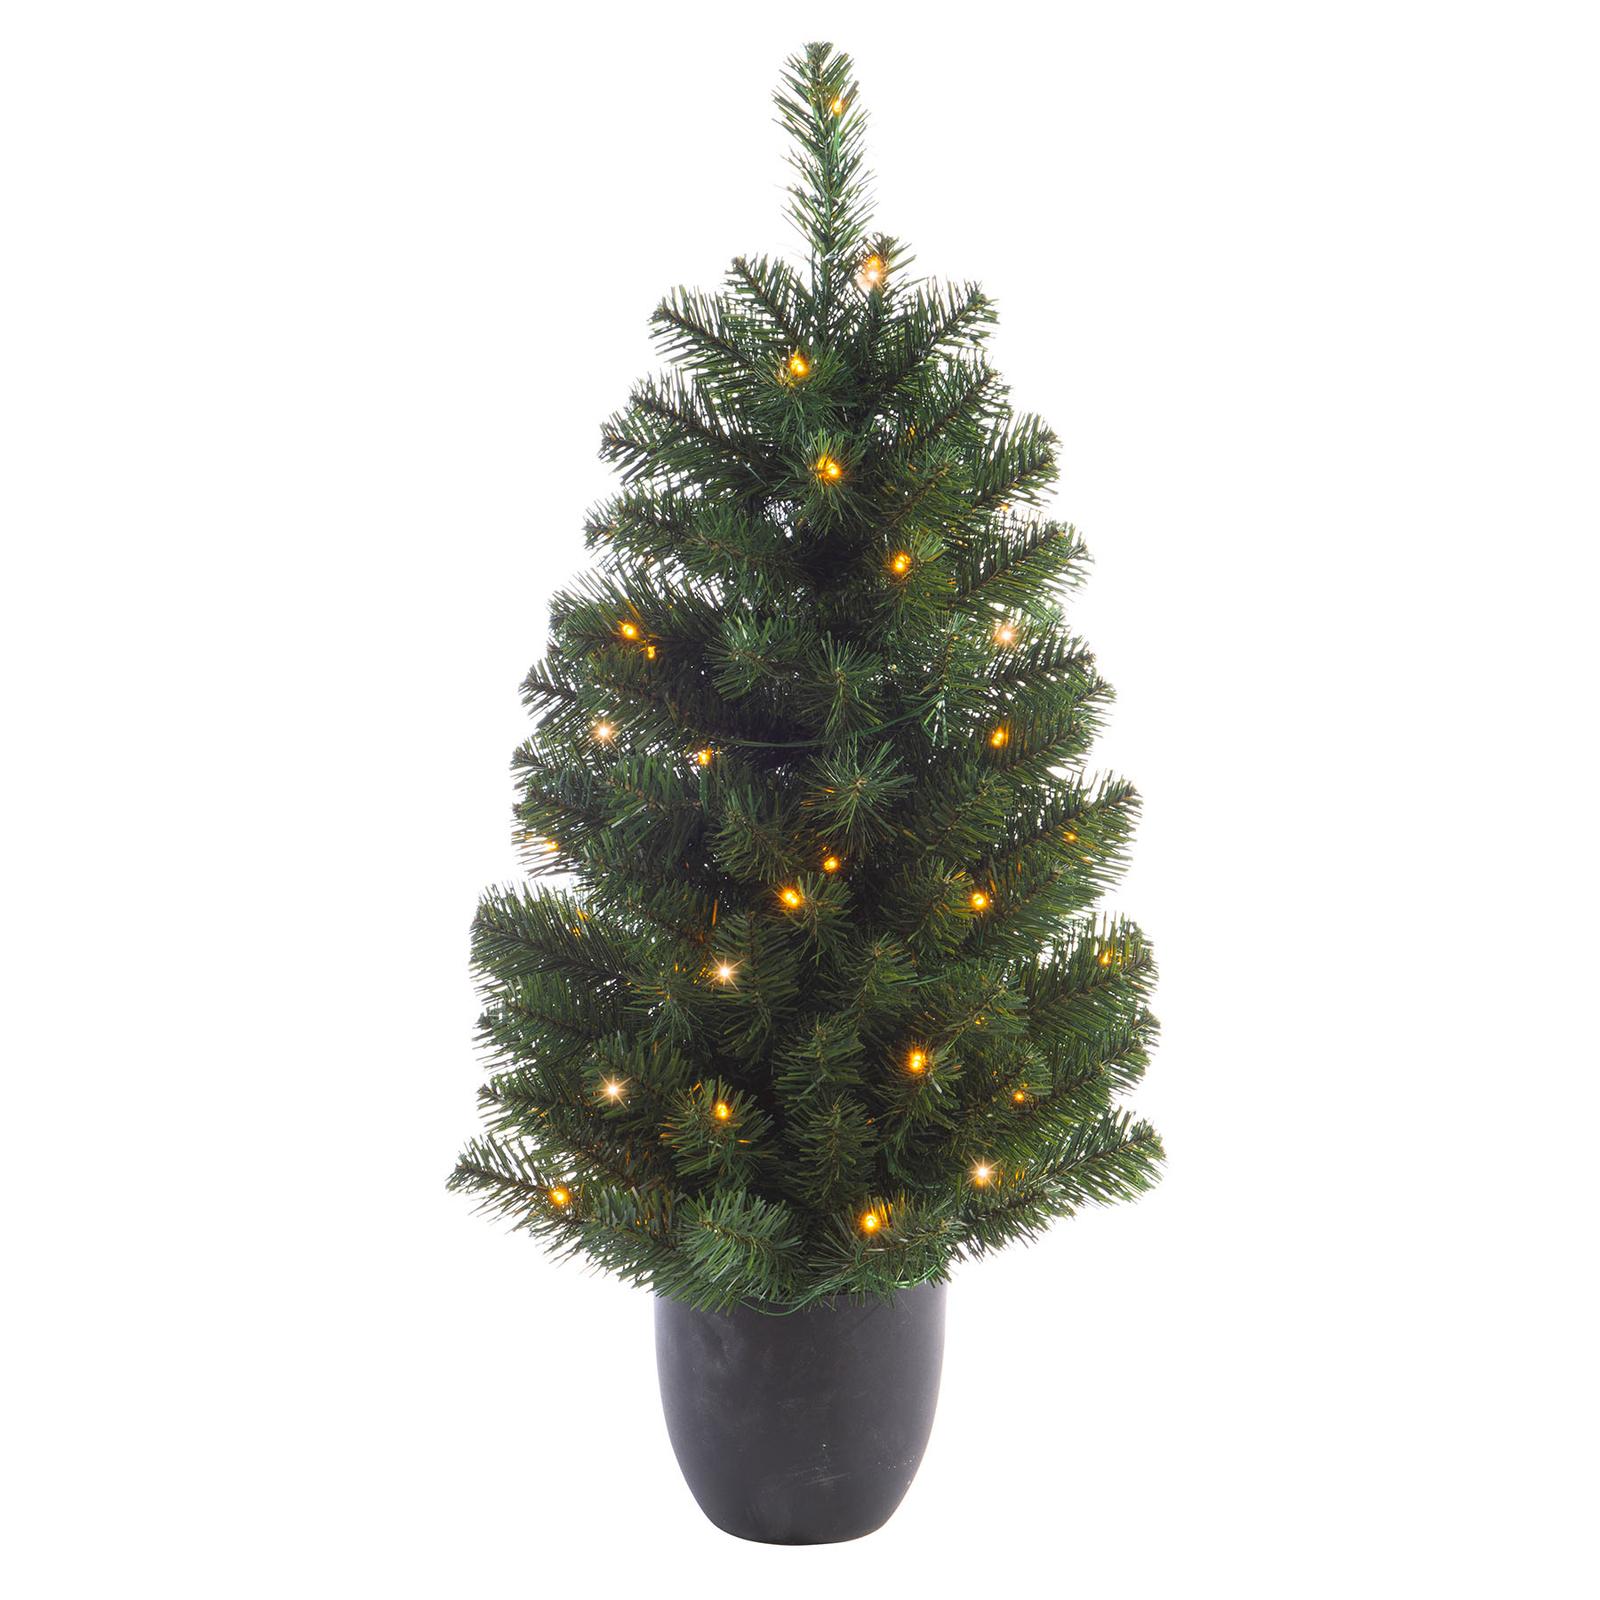 Imperial LED-træ i potte, batteri